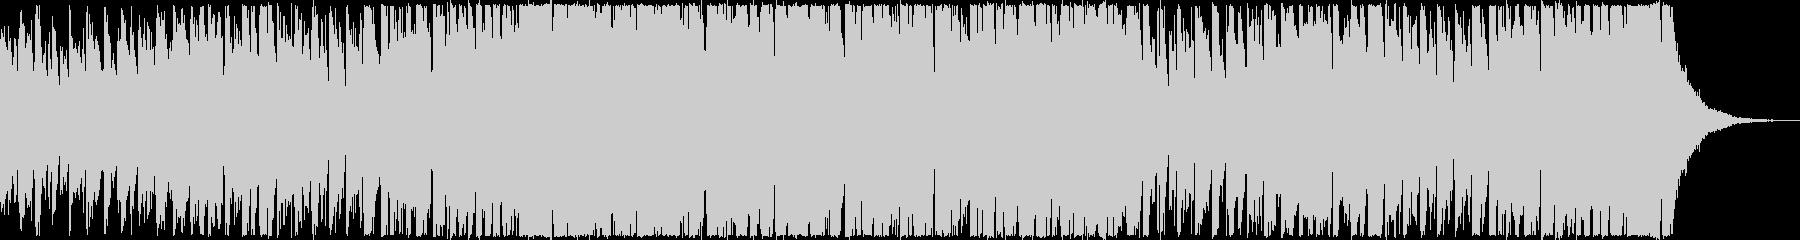 かわいいペット映像・オープニング・56秒の未再生の波形